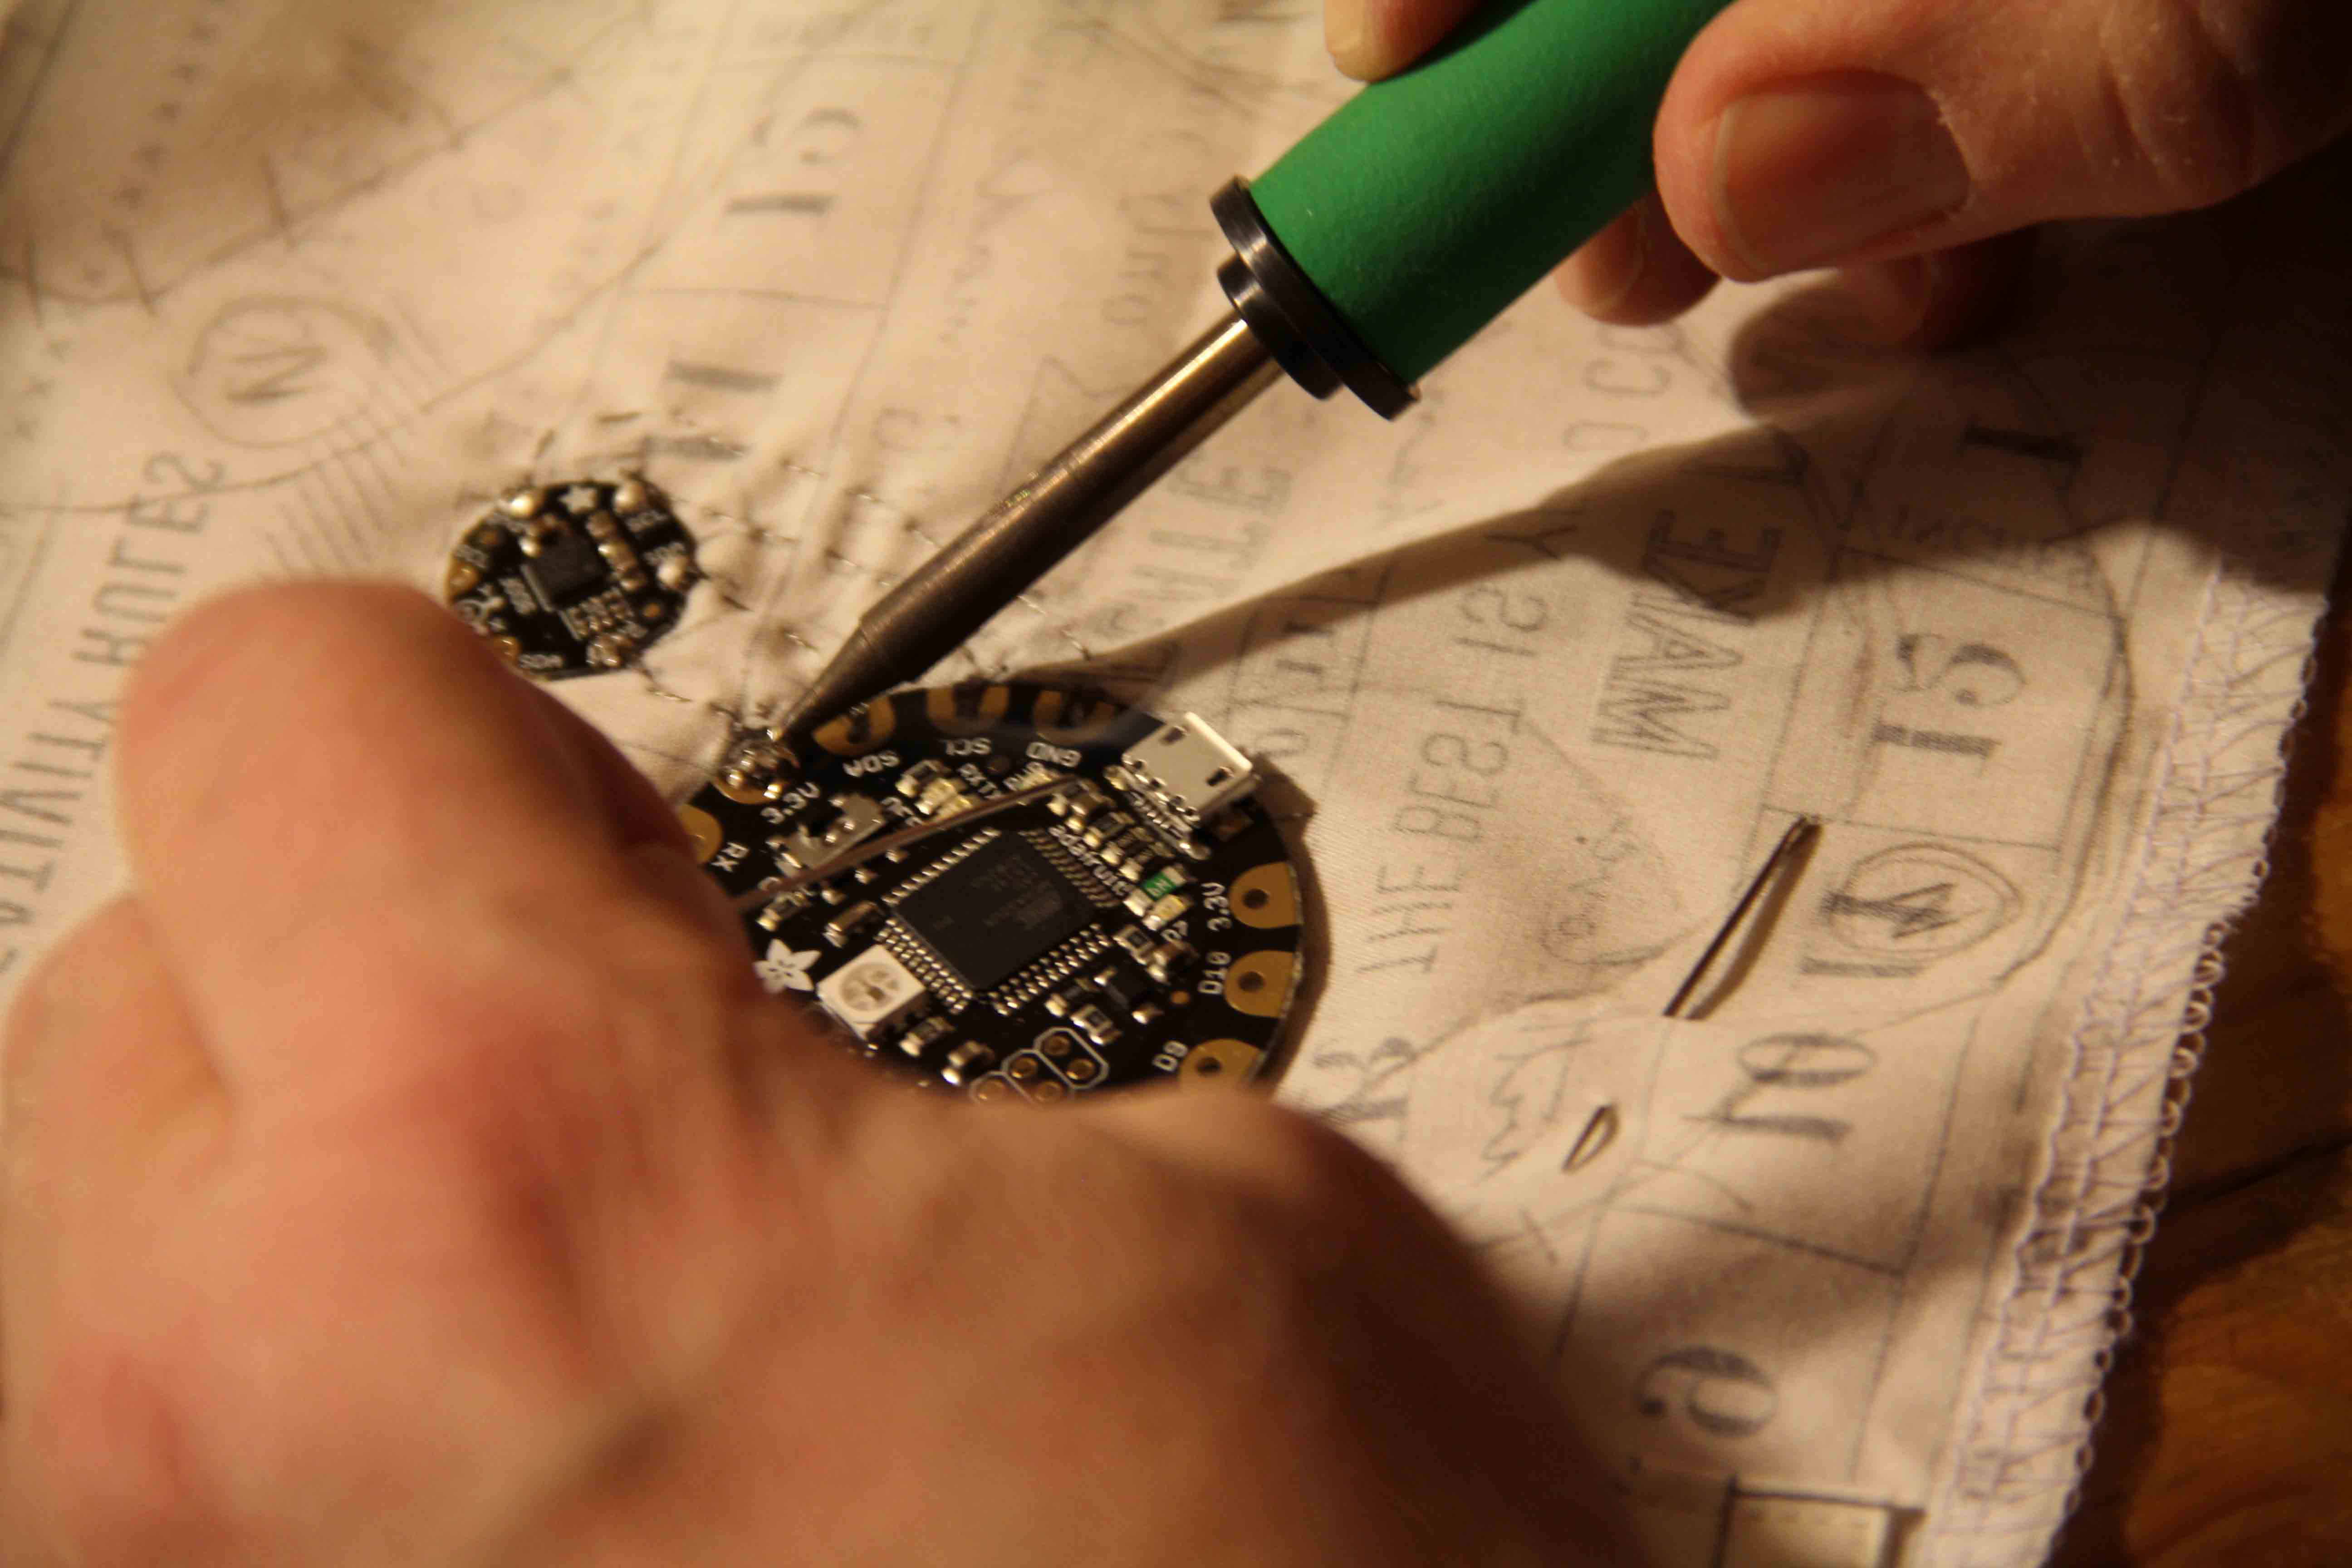 solder